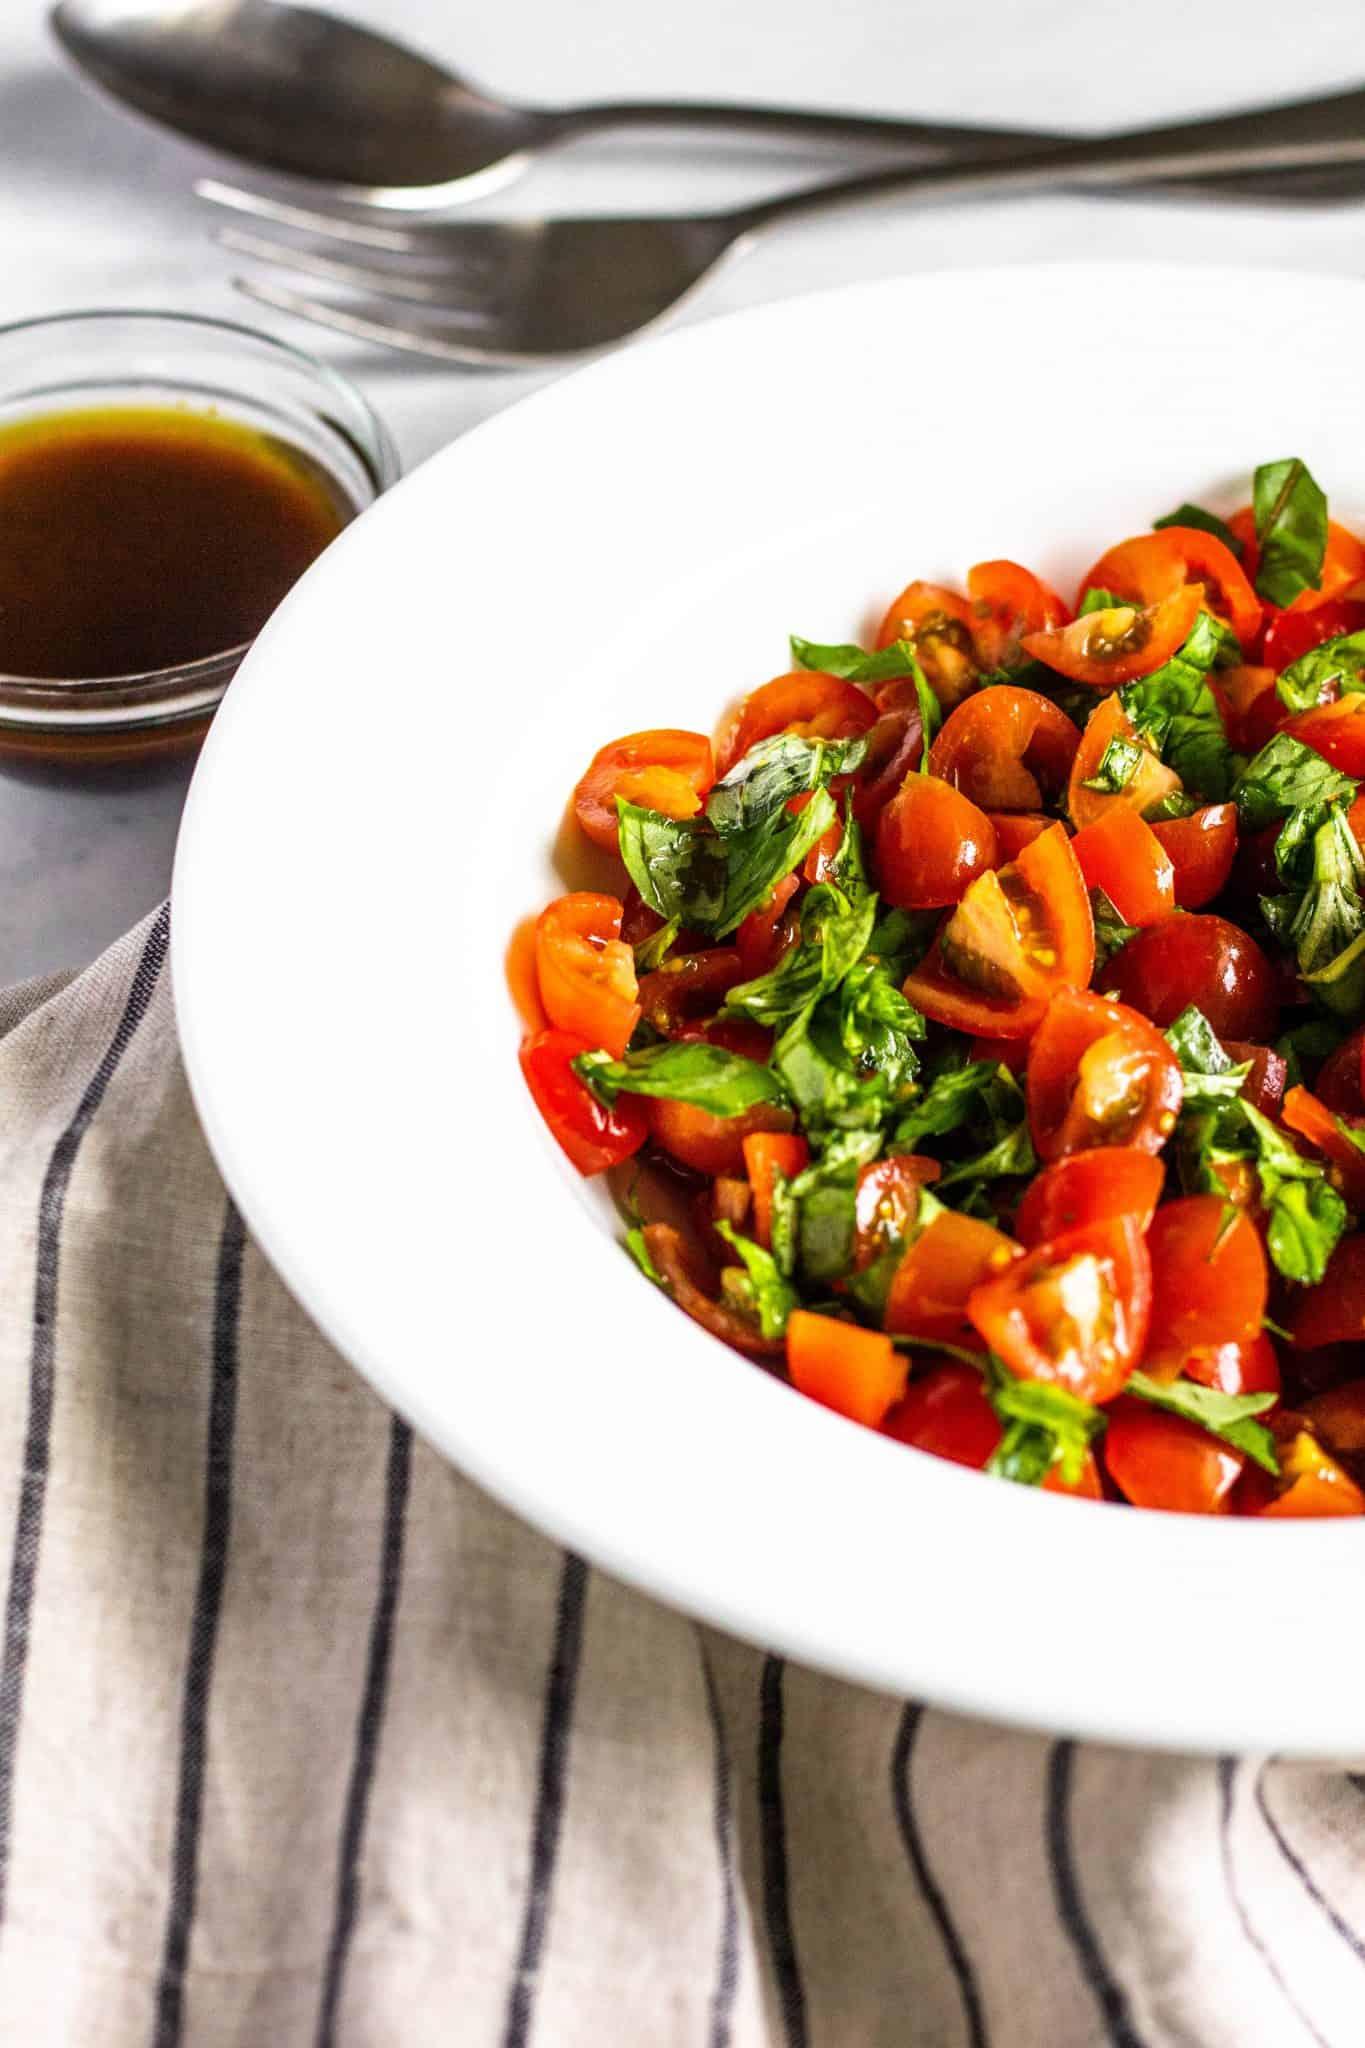 Tomato Basil Salad #lowfodmap #tararochfordnutrition